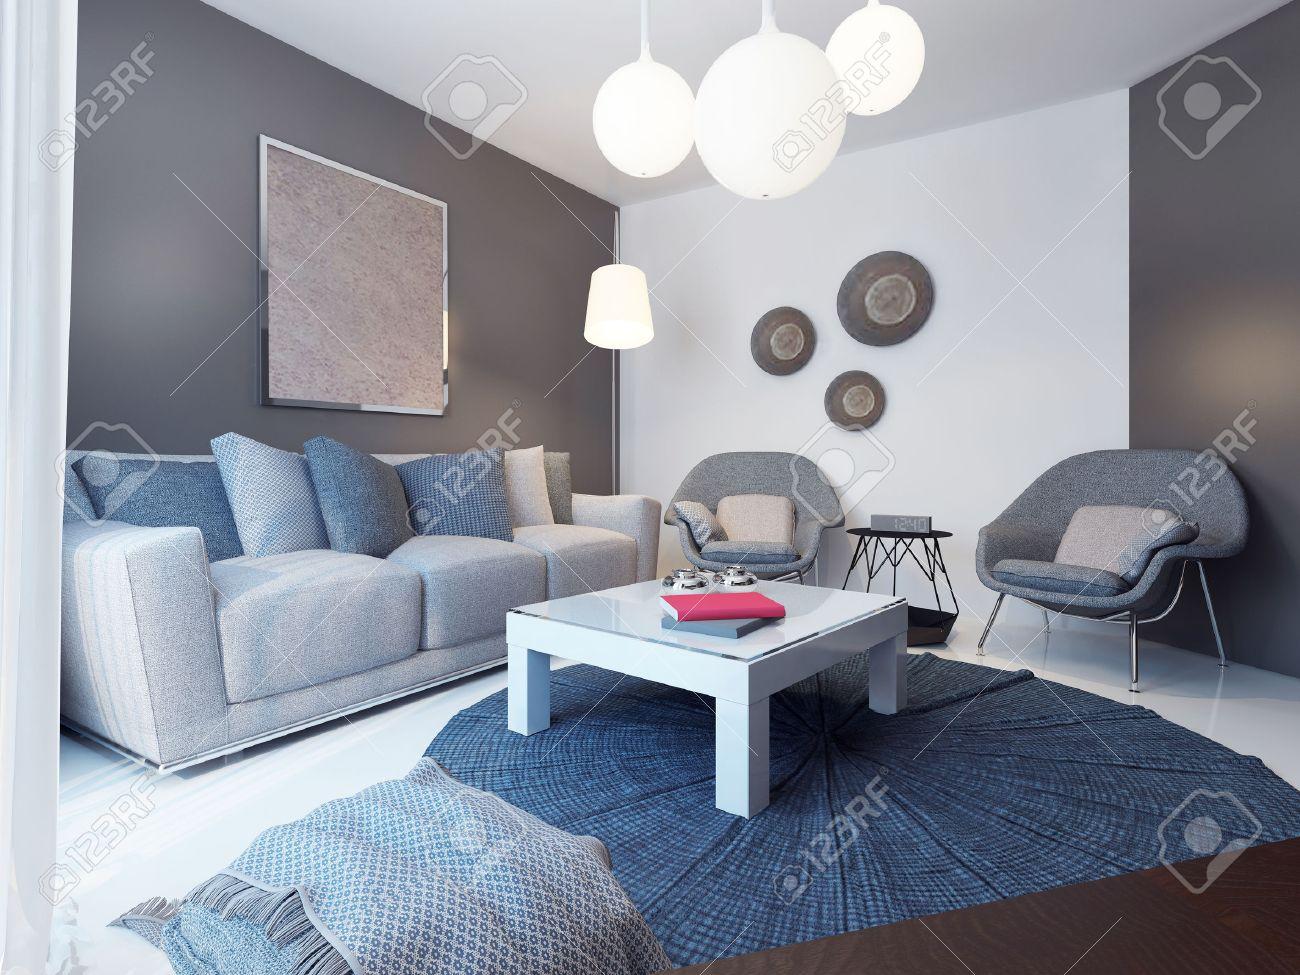 Gemutliches Wohnzimmer Minimalistischen Stil 3d Ubertragen